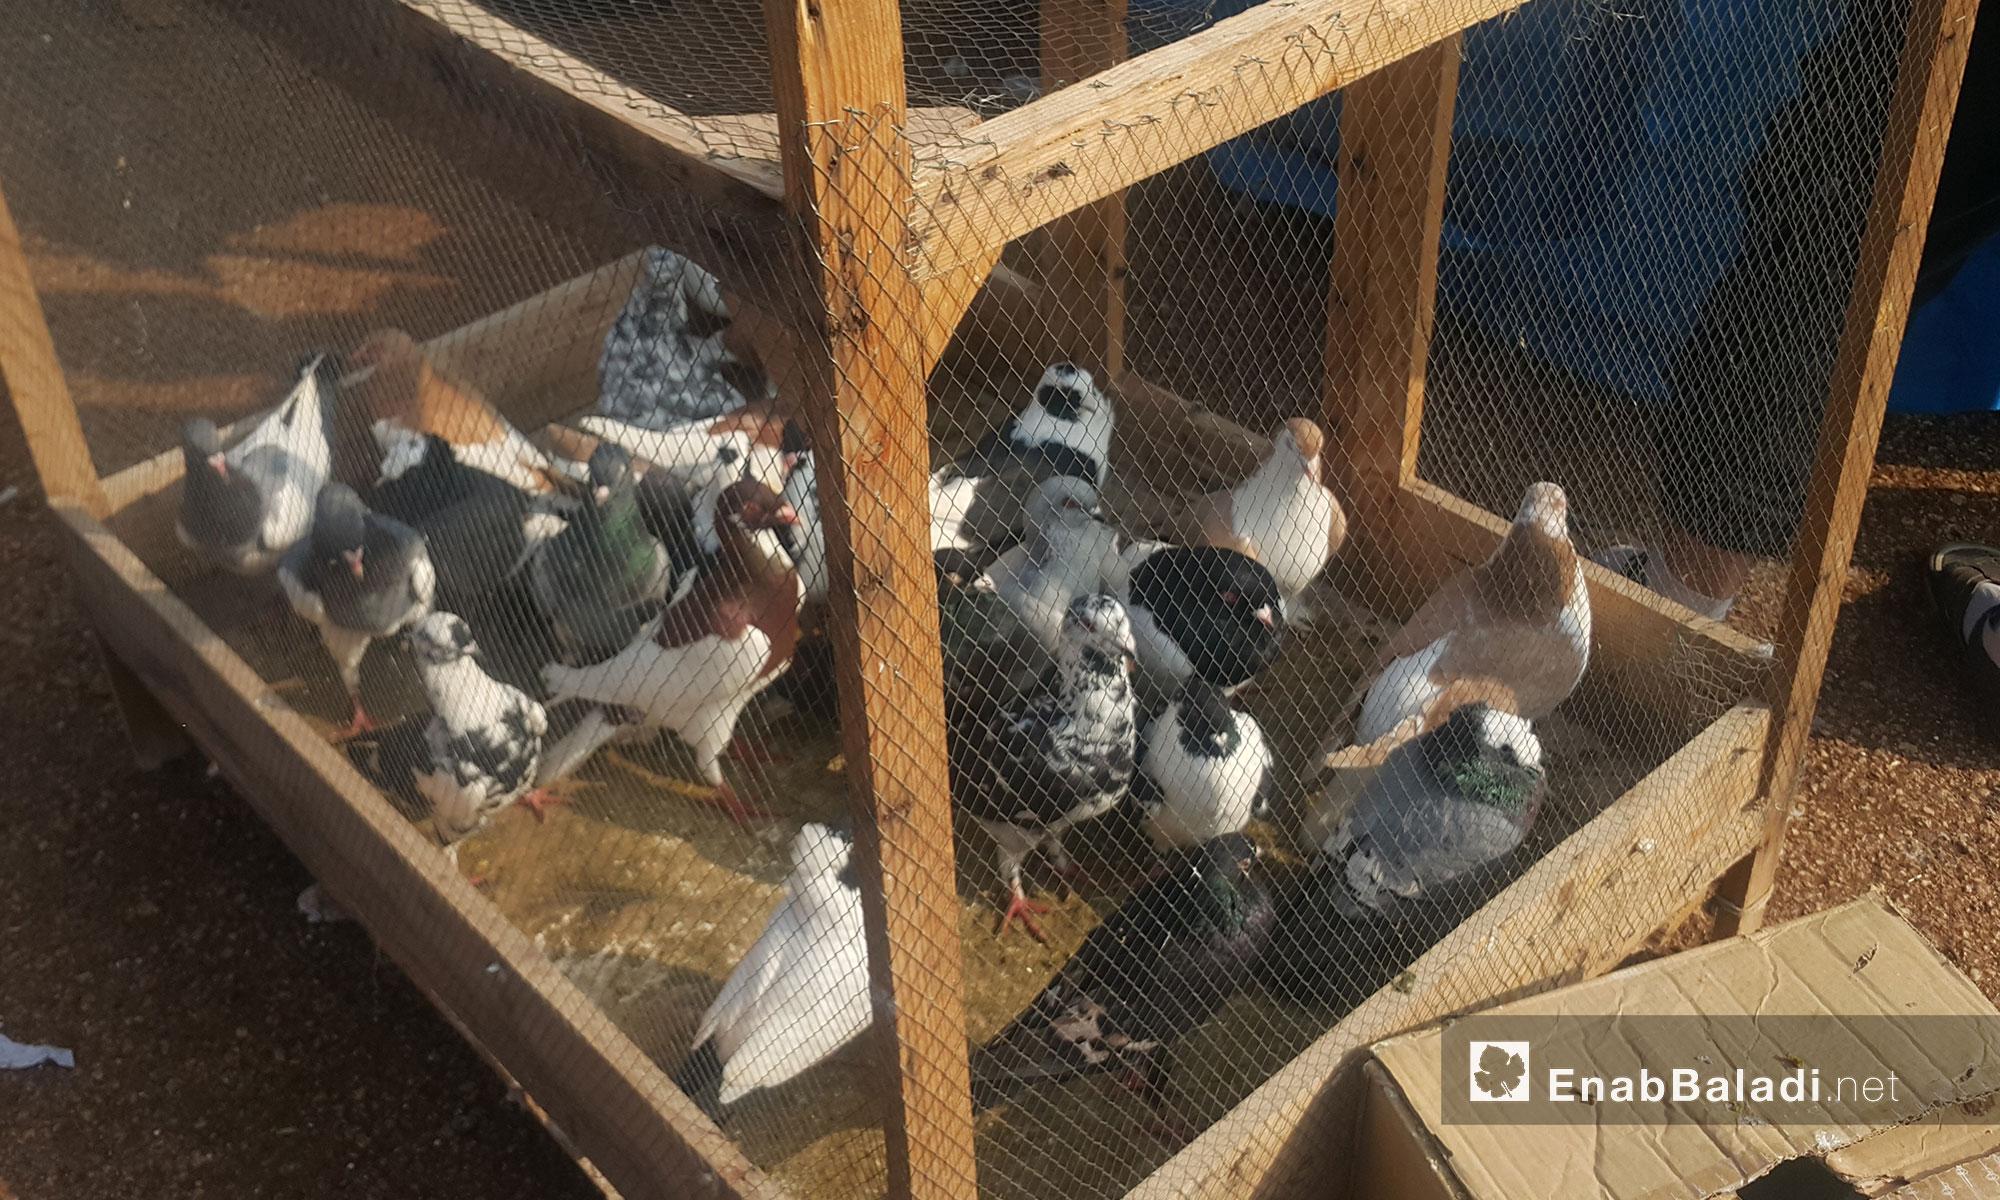 """""""الحمام"""" في سوق الطيور بمعرة مصرين 20 كانون الثاني 2017 (عنب بلدي)"""